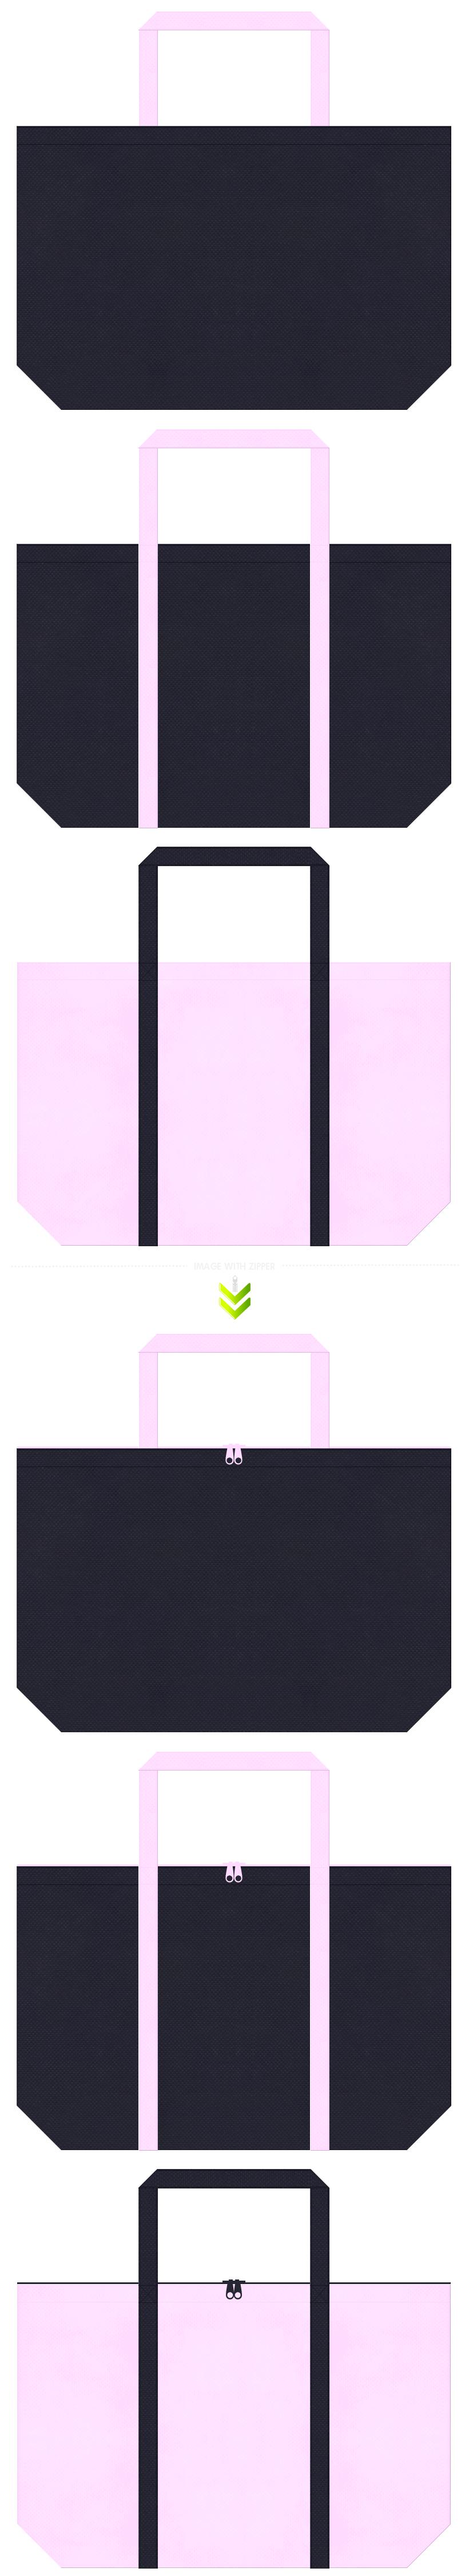 濃紺色と明るいピンク色の不織布エコバッグのデザイン。浴衣・スポーティーファッションのショッピングバッグにお奨めです。